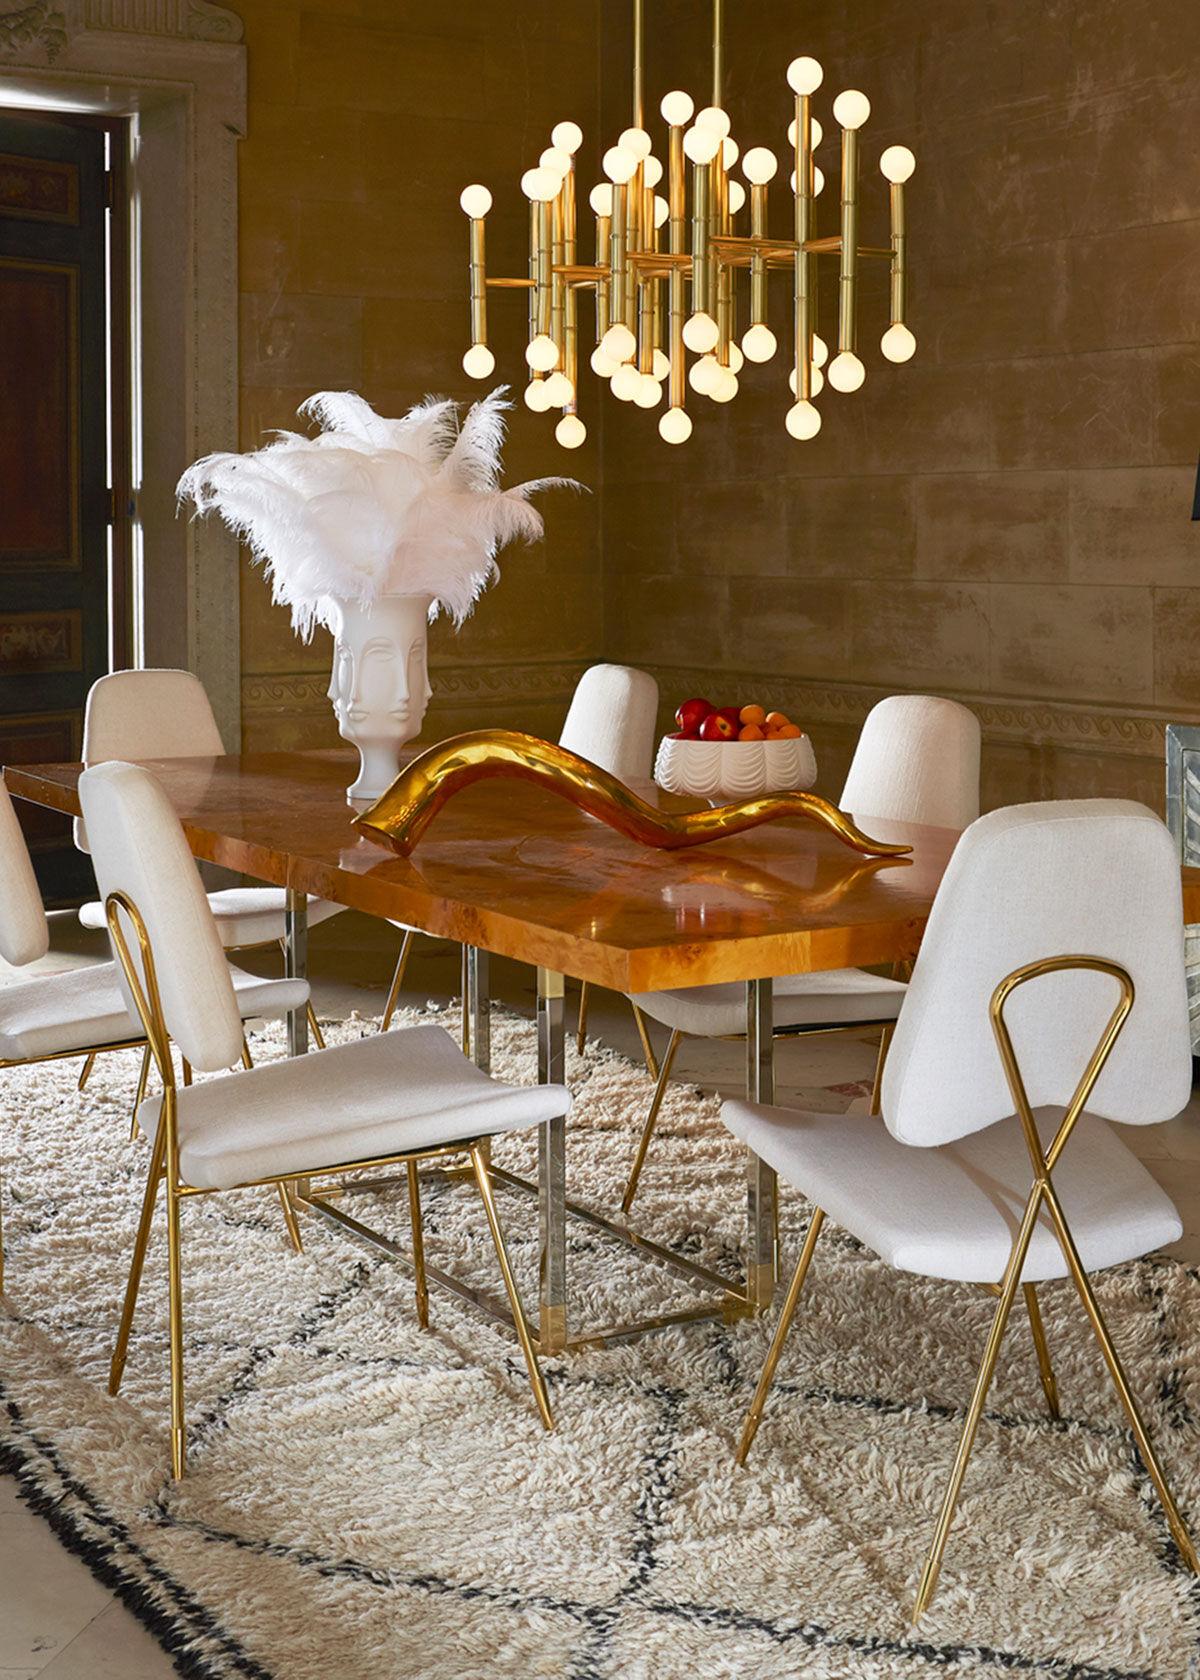 Jonathan Adler Bond Dining Table  - Size: unisex